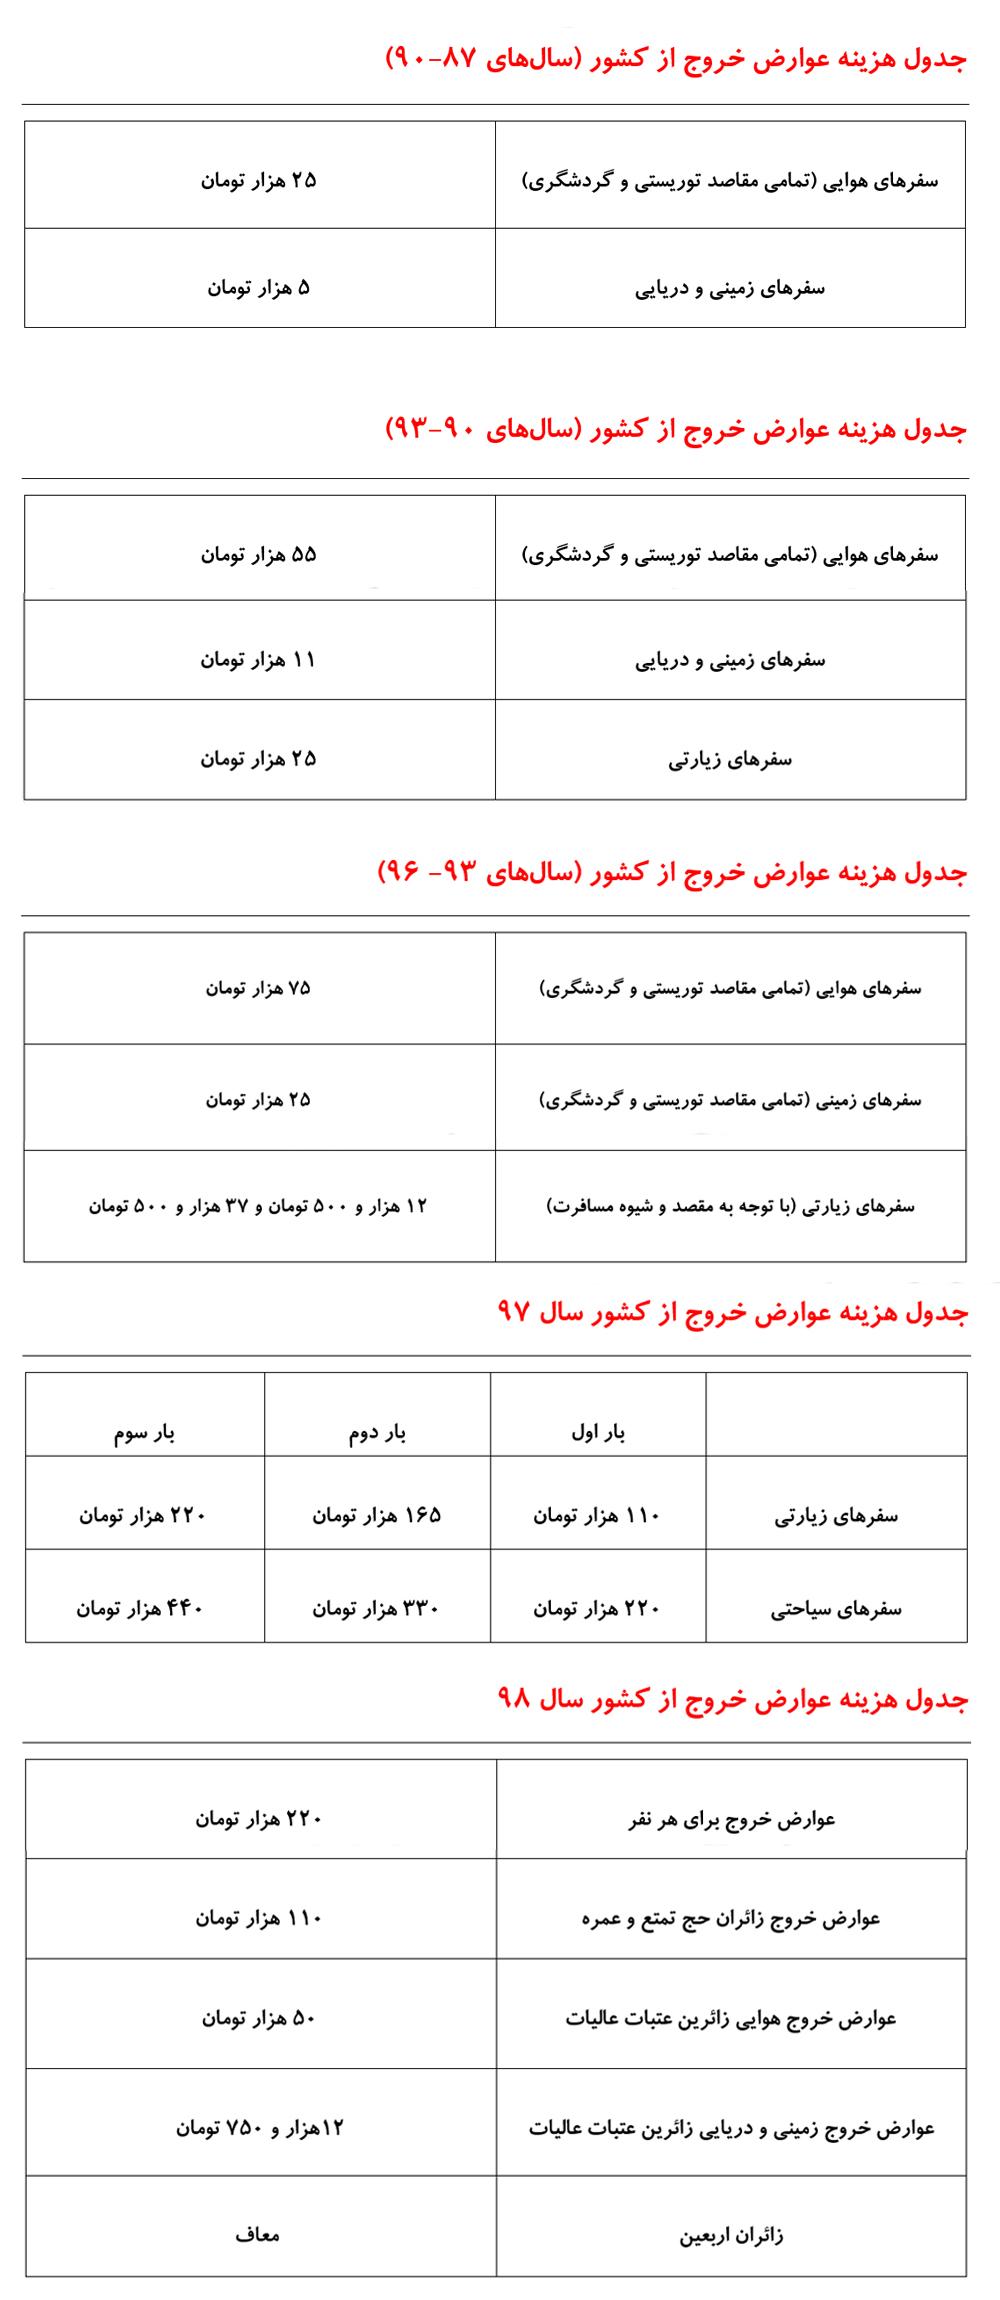 جدول هزینه عوارض خروج از کشور در سال های مختلف